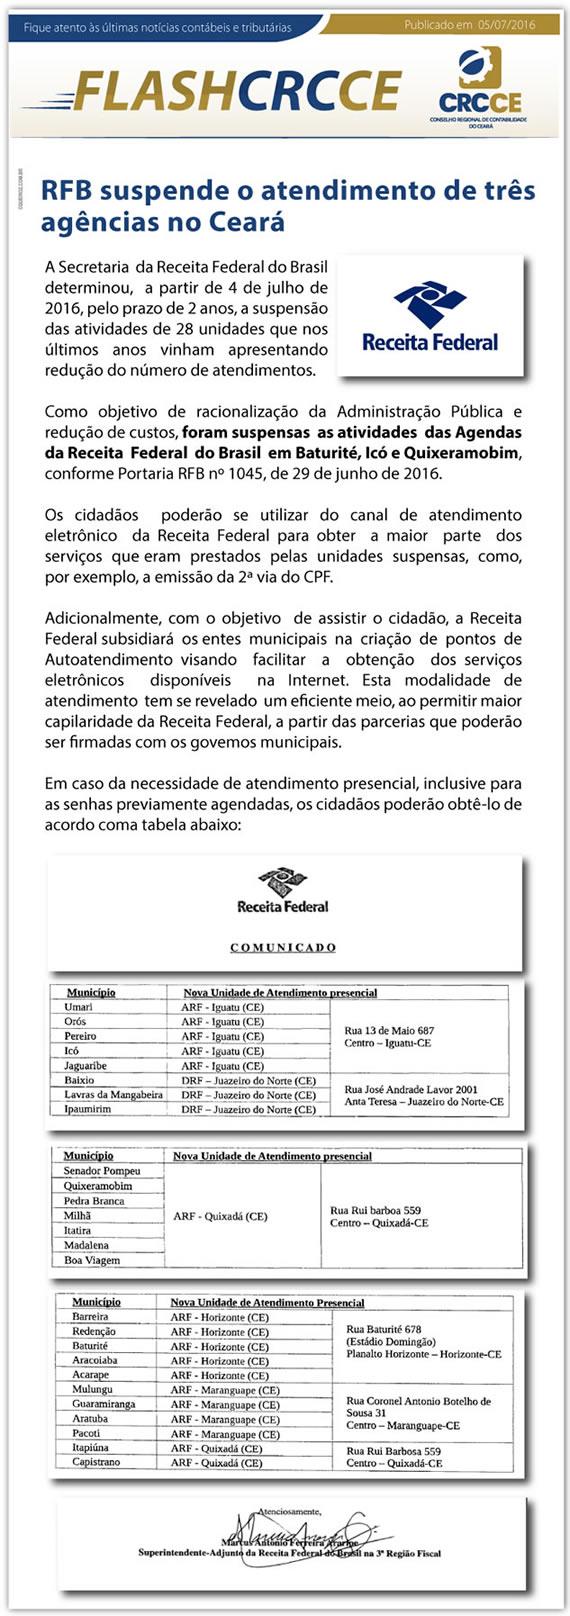 novo_Comunicado-SRRF03